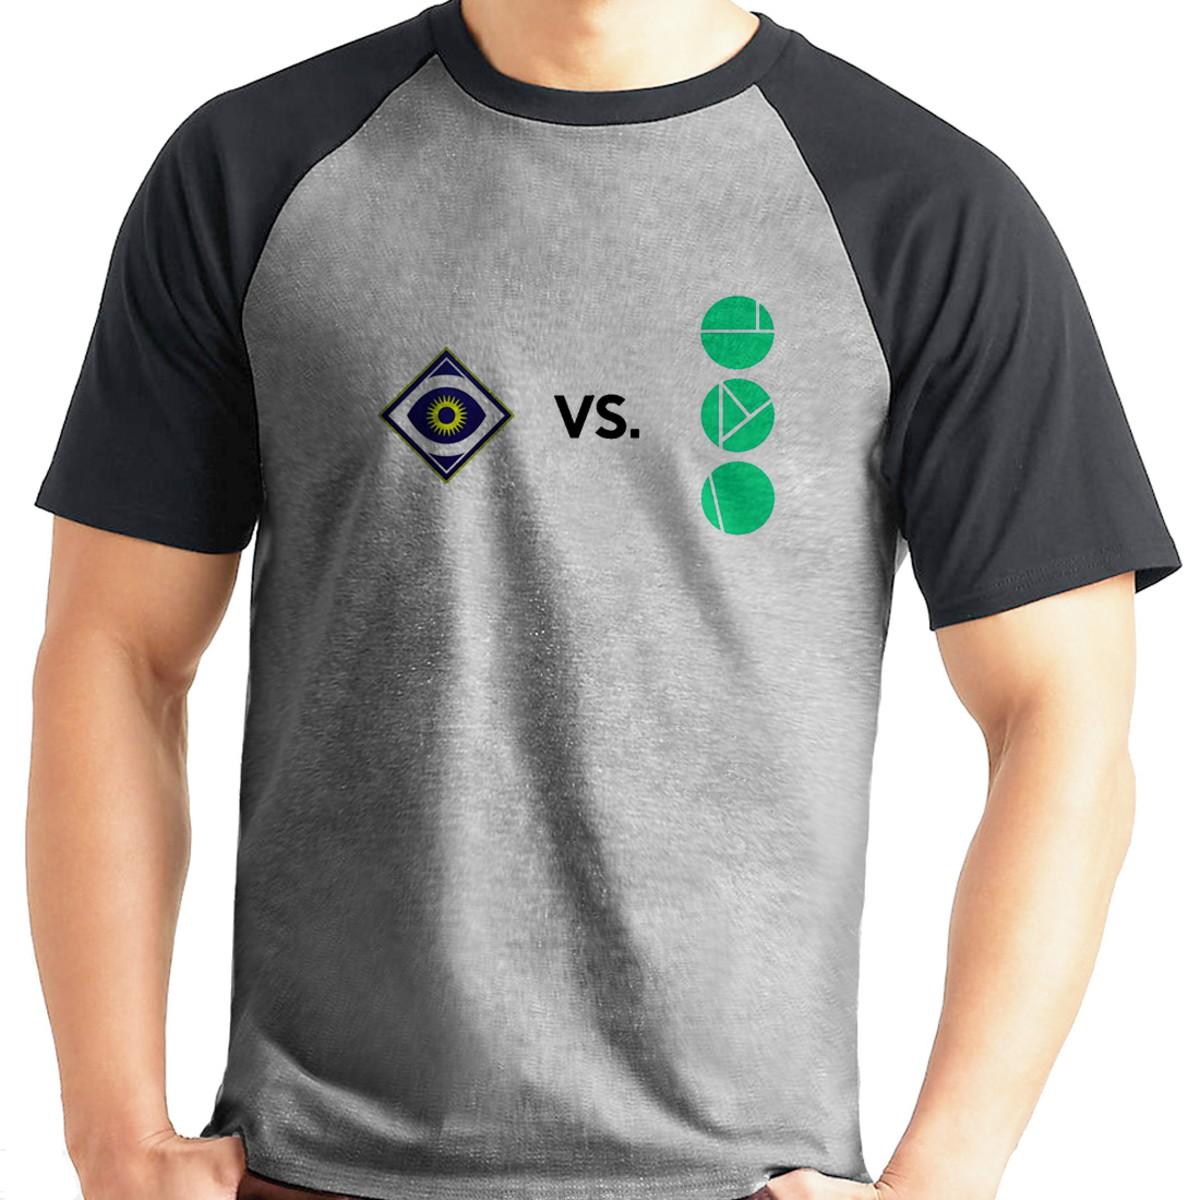 Camiseta Destiny 2 Desafio 9 Raglan Mescla Manga Curta no Elo7 ... e2e5c731c4e88